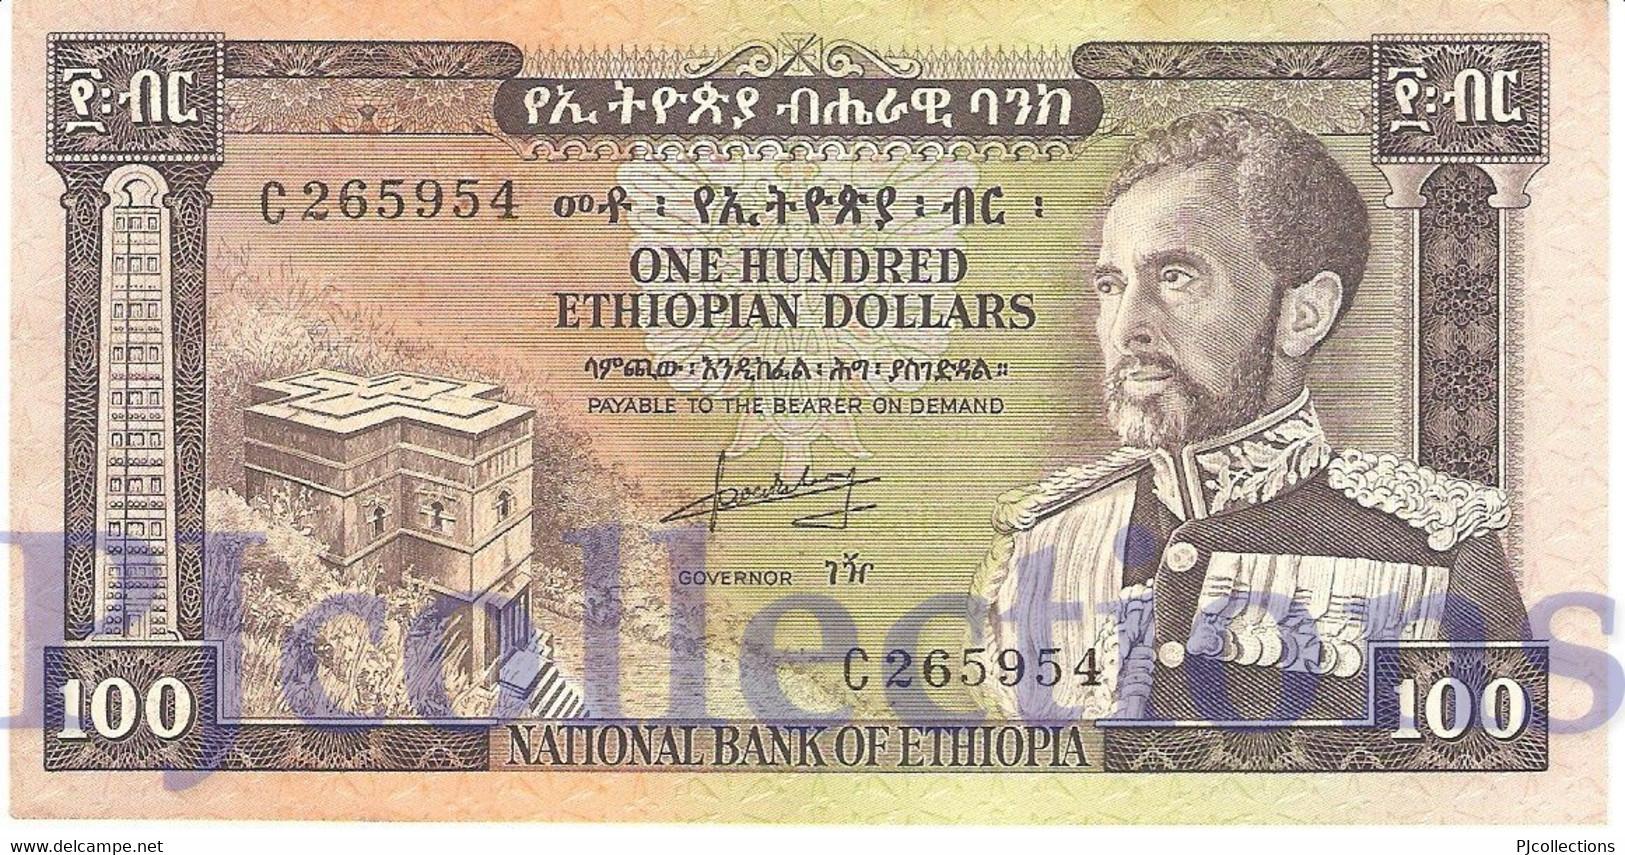 ETHIOPIA 100 DOLLARS 1966 PICK 29a AU/UNC - Ethiopie